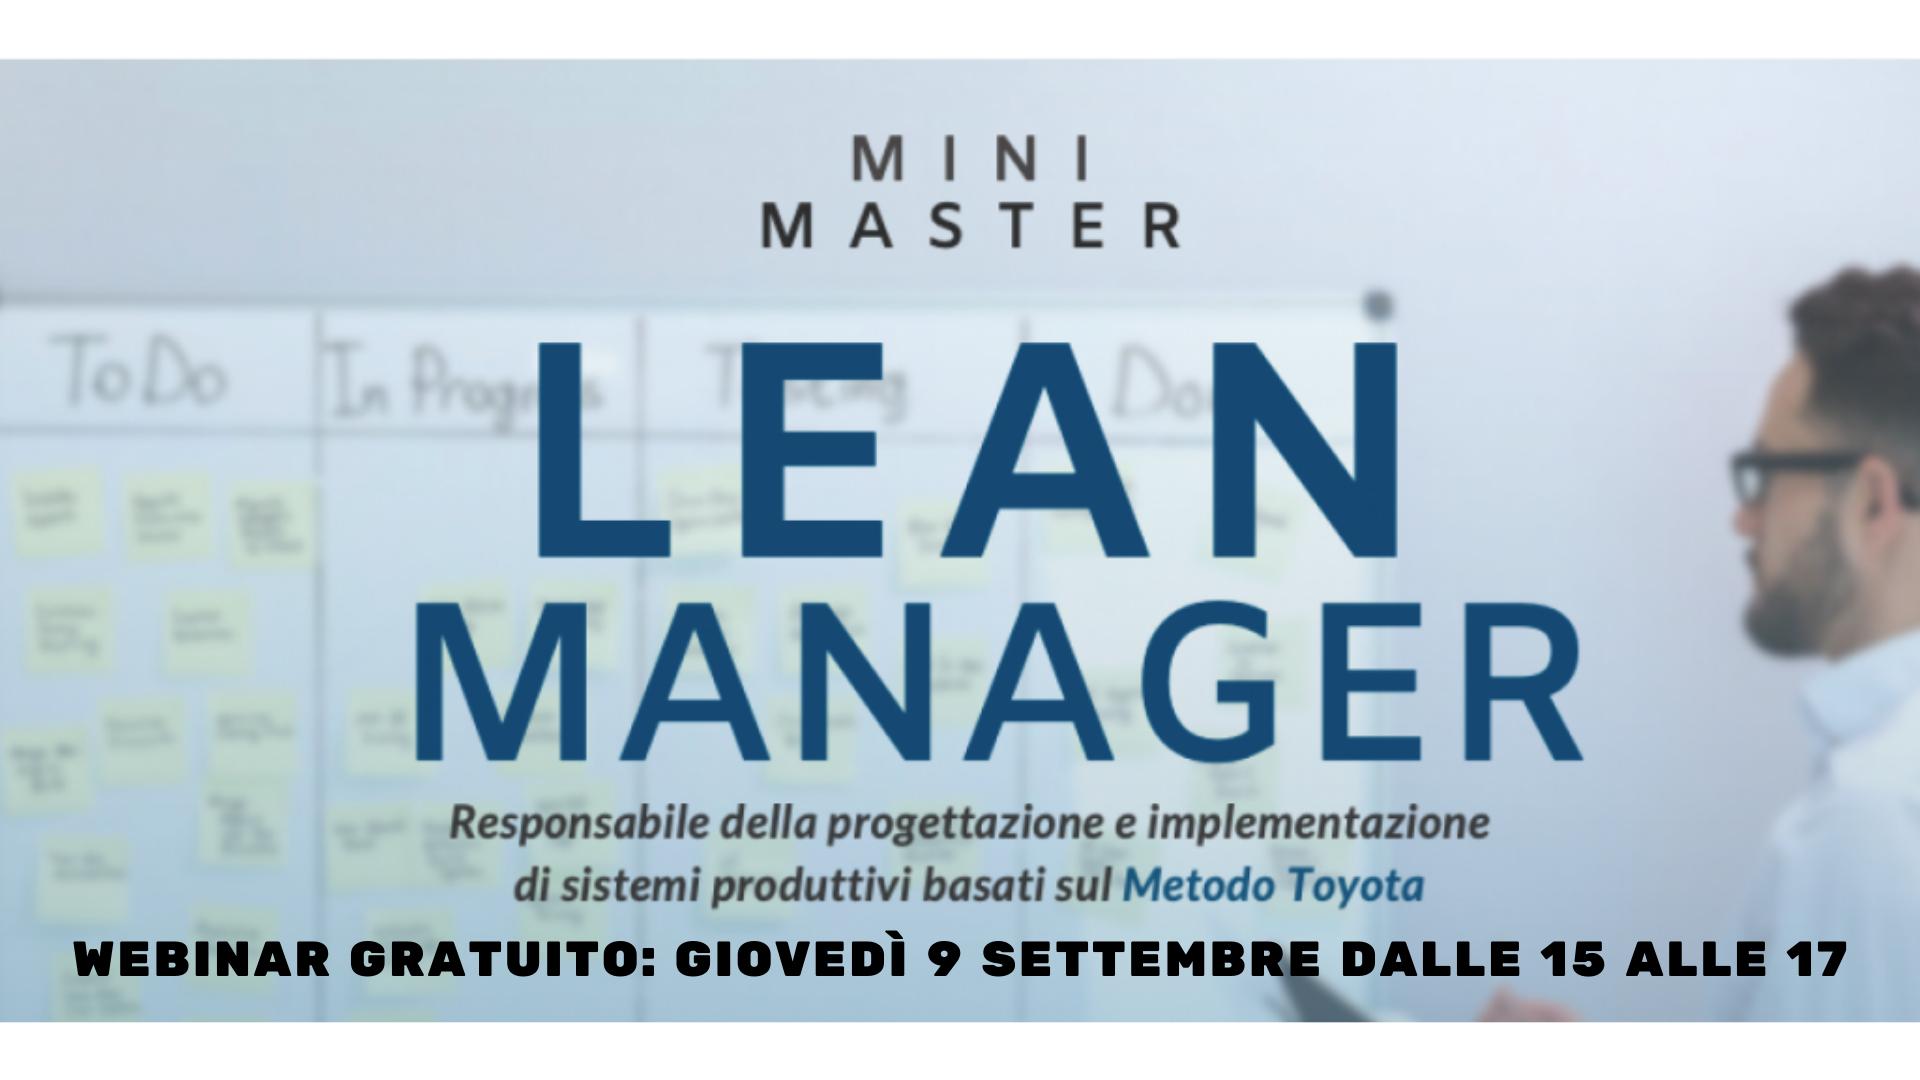 MASTER LEAN MANAGER: terza edizione a settembre 2021 più un webinar gratuito